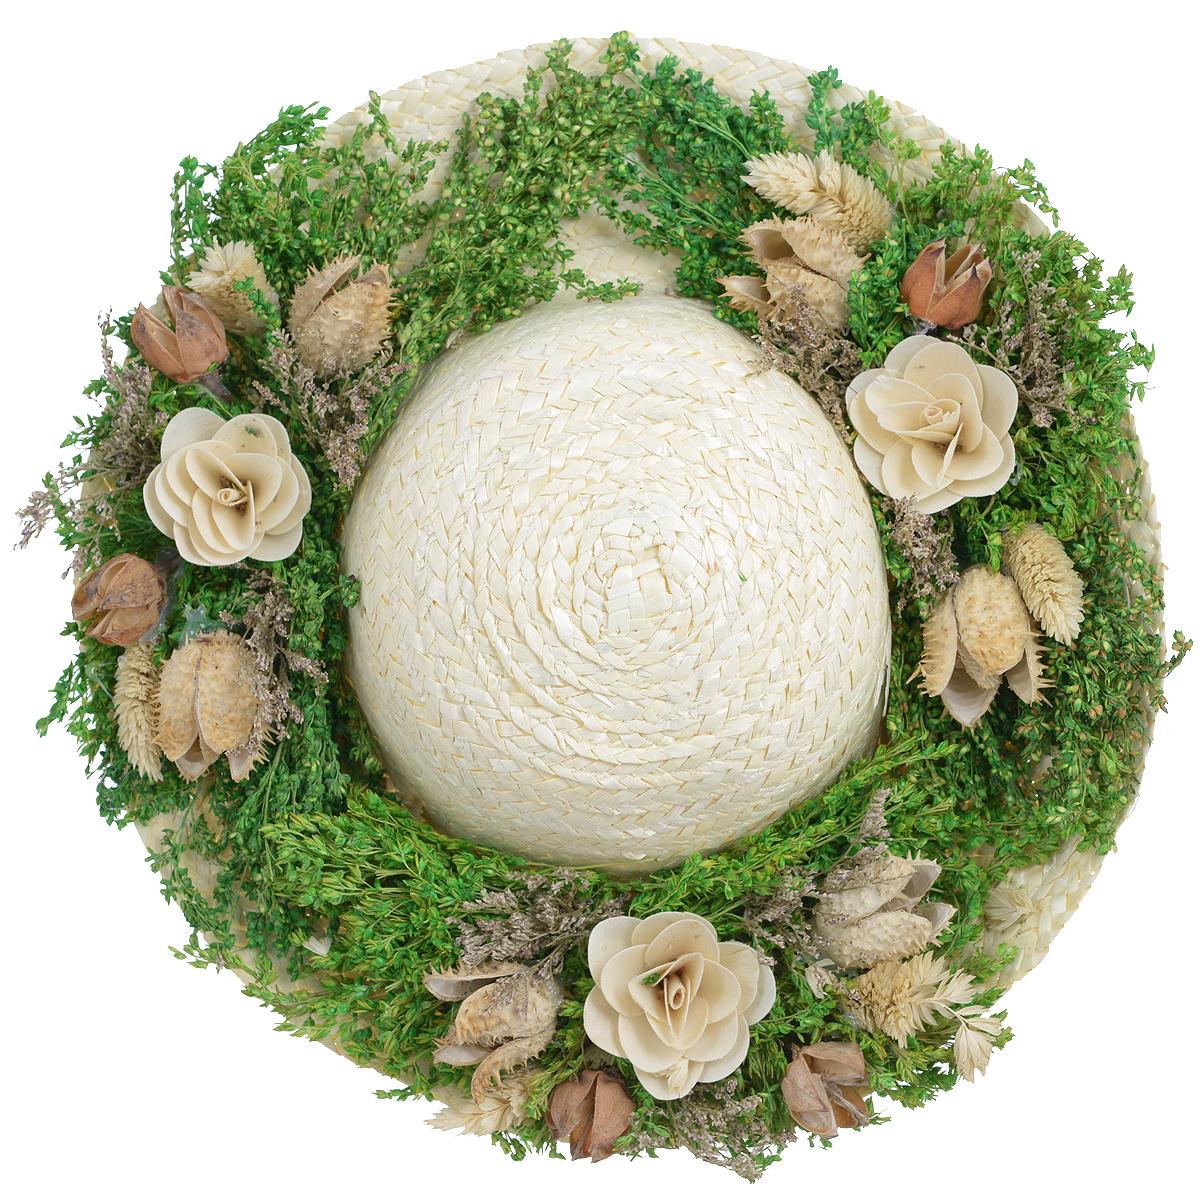 Декоративное настенное украшение Lillo Шляпа с цветами, цвет: светло-бежевый, зеленый, белыйБрелок для сумкиДекоративное подвесное украшение Lillo Шляпа с цветами выполнено из натуральной соломы и украшено сухоцветами. Такая шляпа станет изящным элементом декора в вашем доме. С задней стороны расположена петелька для подвешивания. Такое украшение не только подчеркнет ваш изысканный вкус, но и прекрасным подарком, который обязательно порадует получателя.Размер шляпы: 29 см х 29 см х 7,5 см.